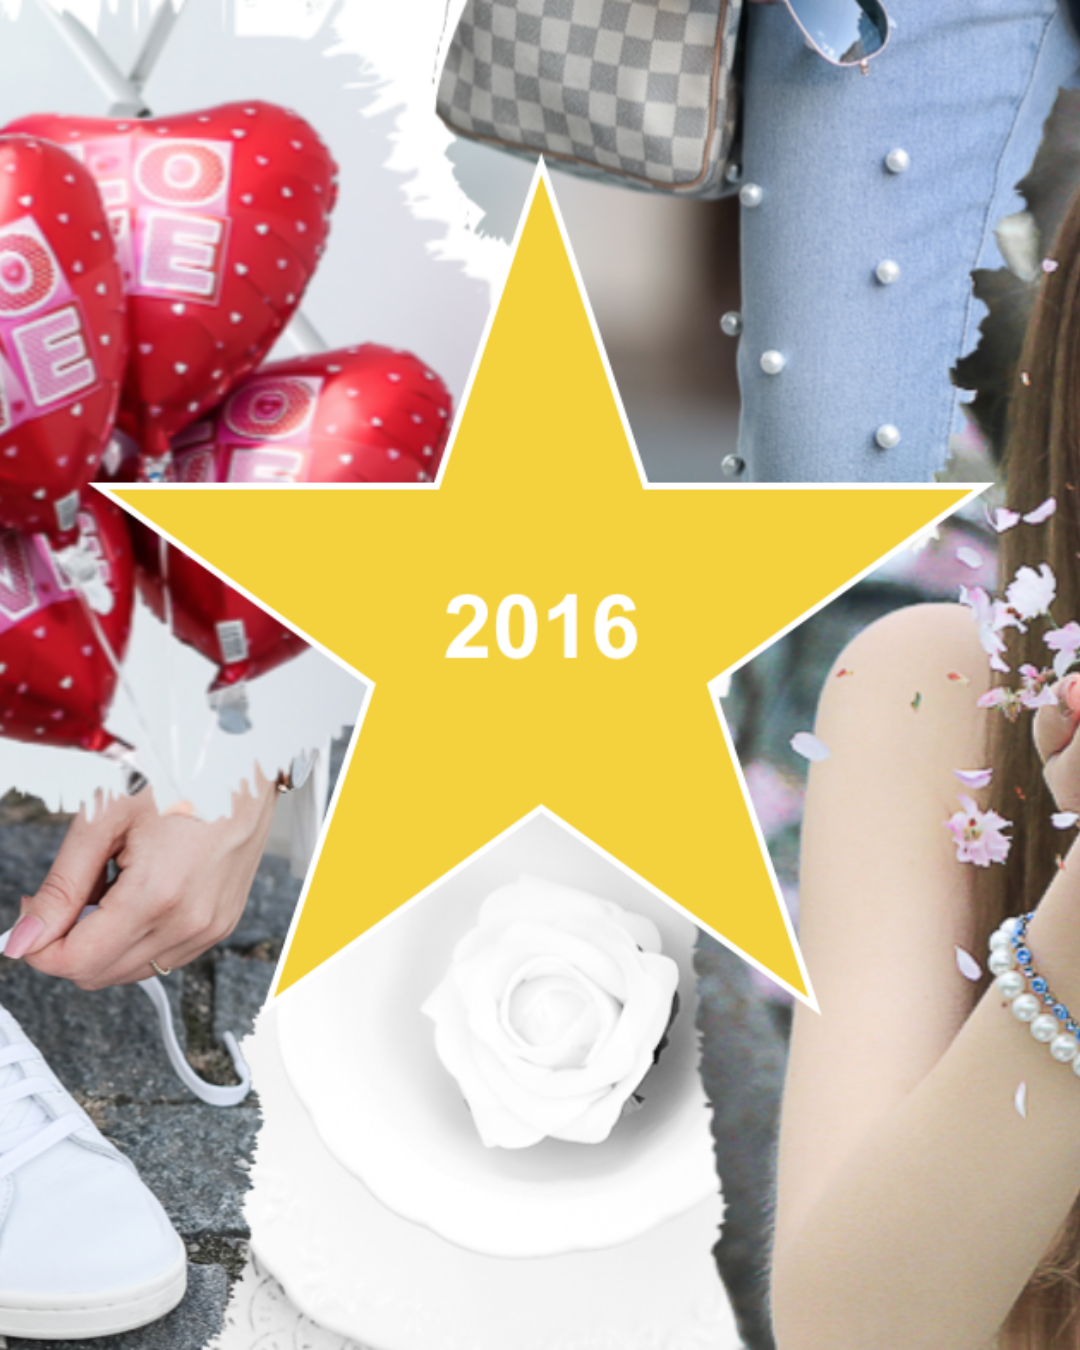 Jahresrückblick 2016 – Blog & Personal Thoughts